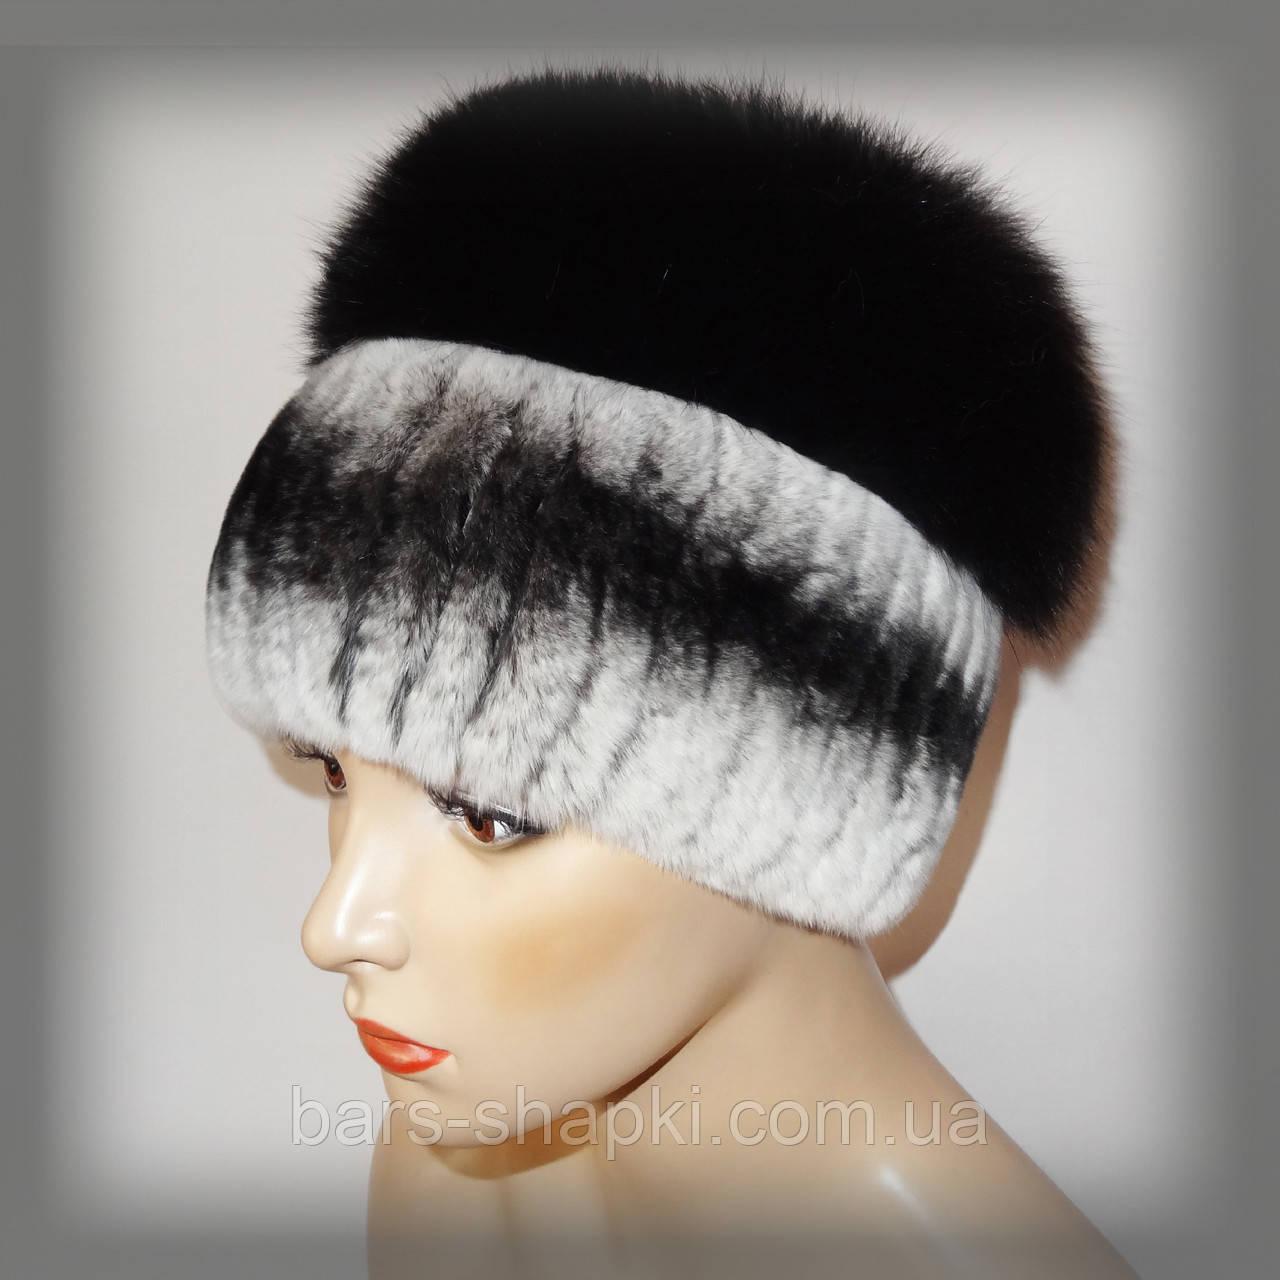 Меховая шапка из комбинированного меха Rex Rabbit и чернобурки  (серо-черная)) 29bfb173fb8a0